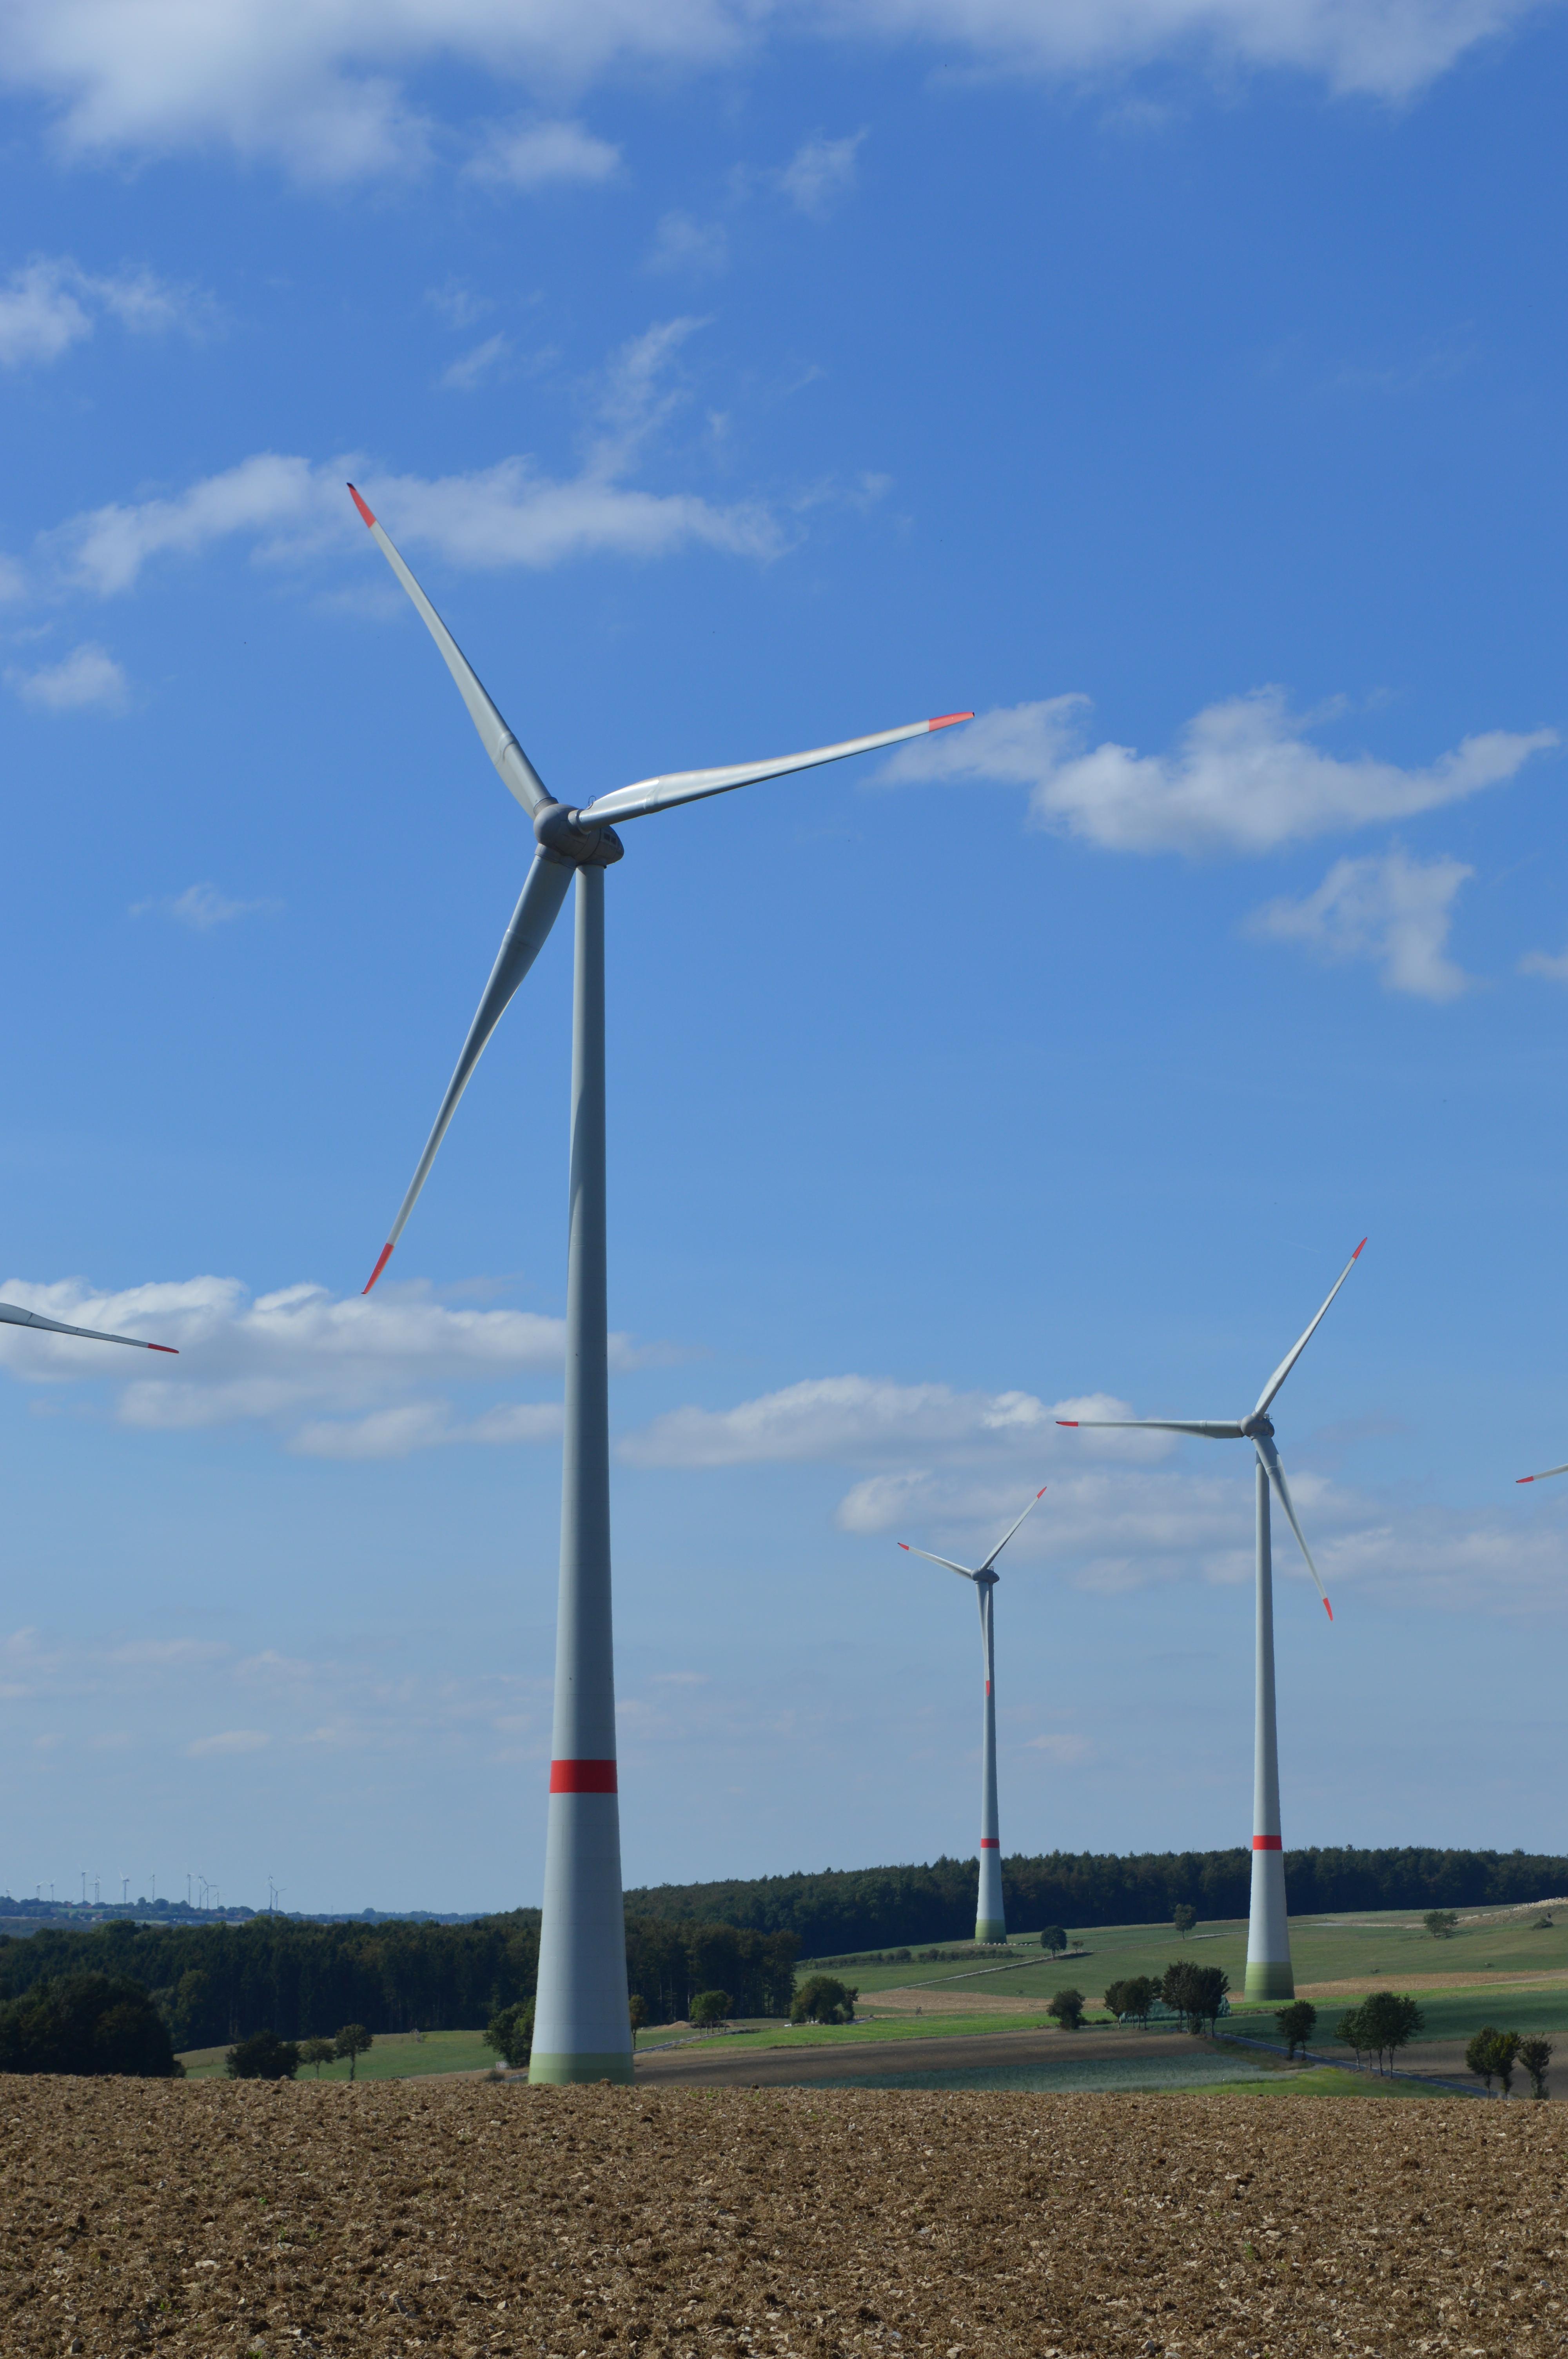 Reduzierung der Beleuchtung der Windkraftanlagen